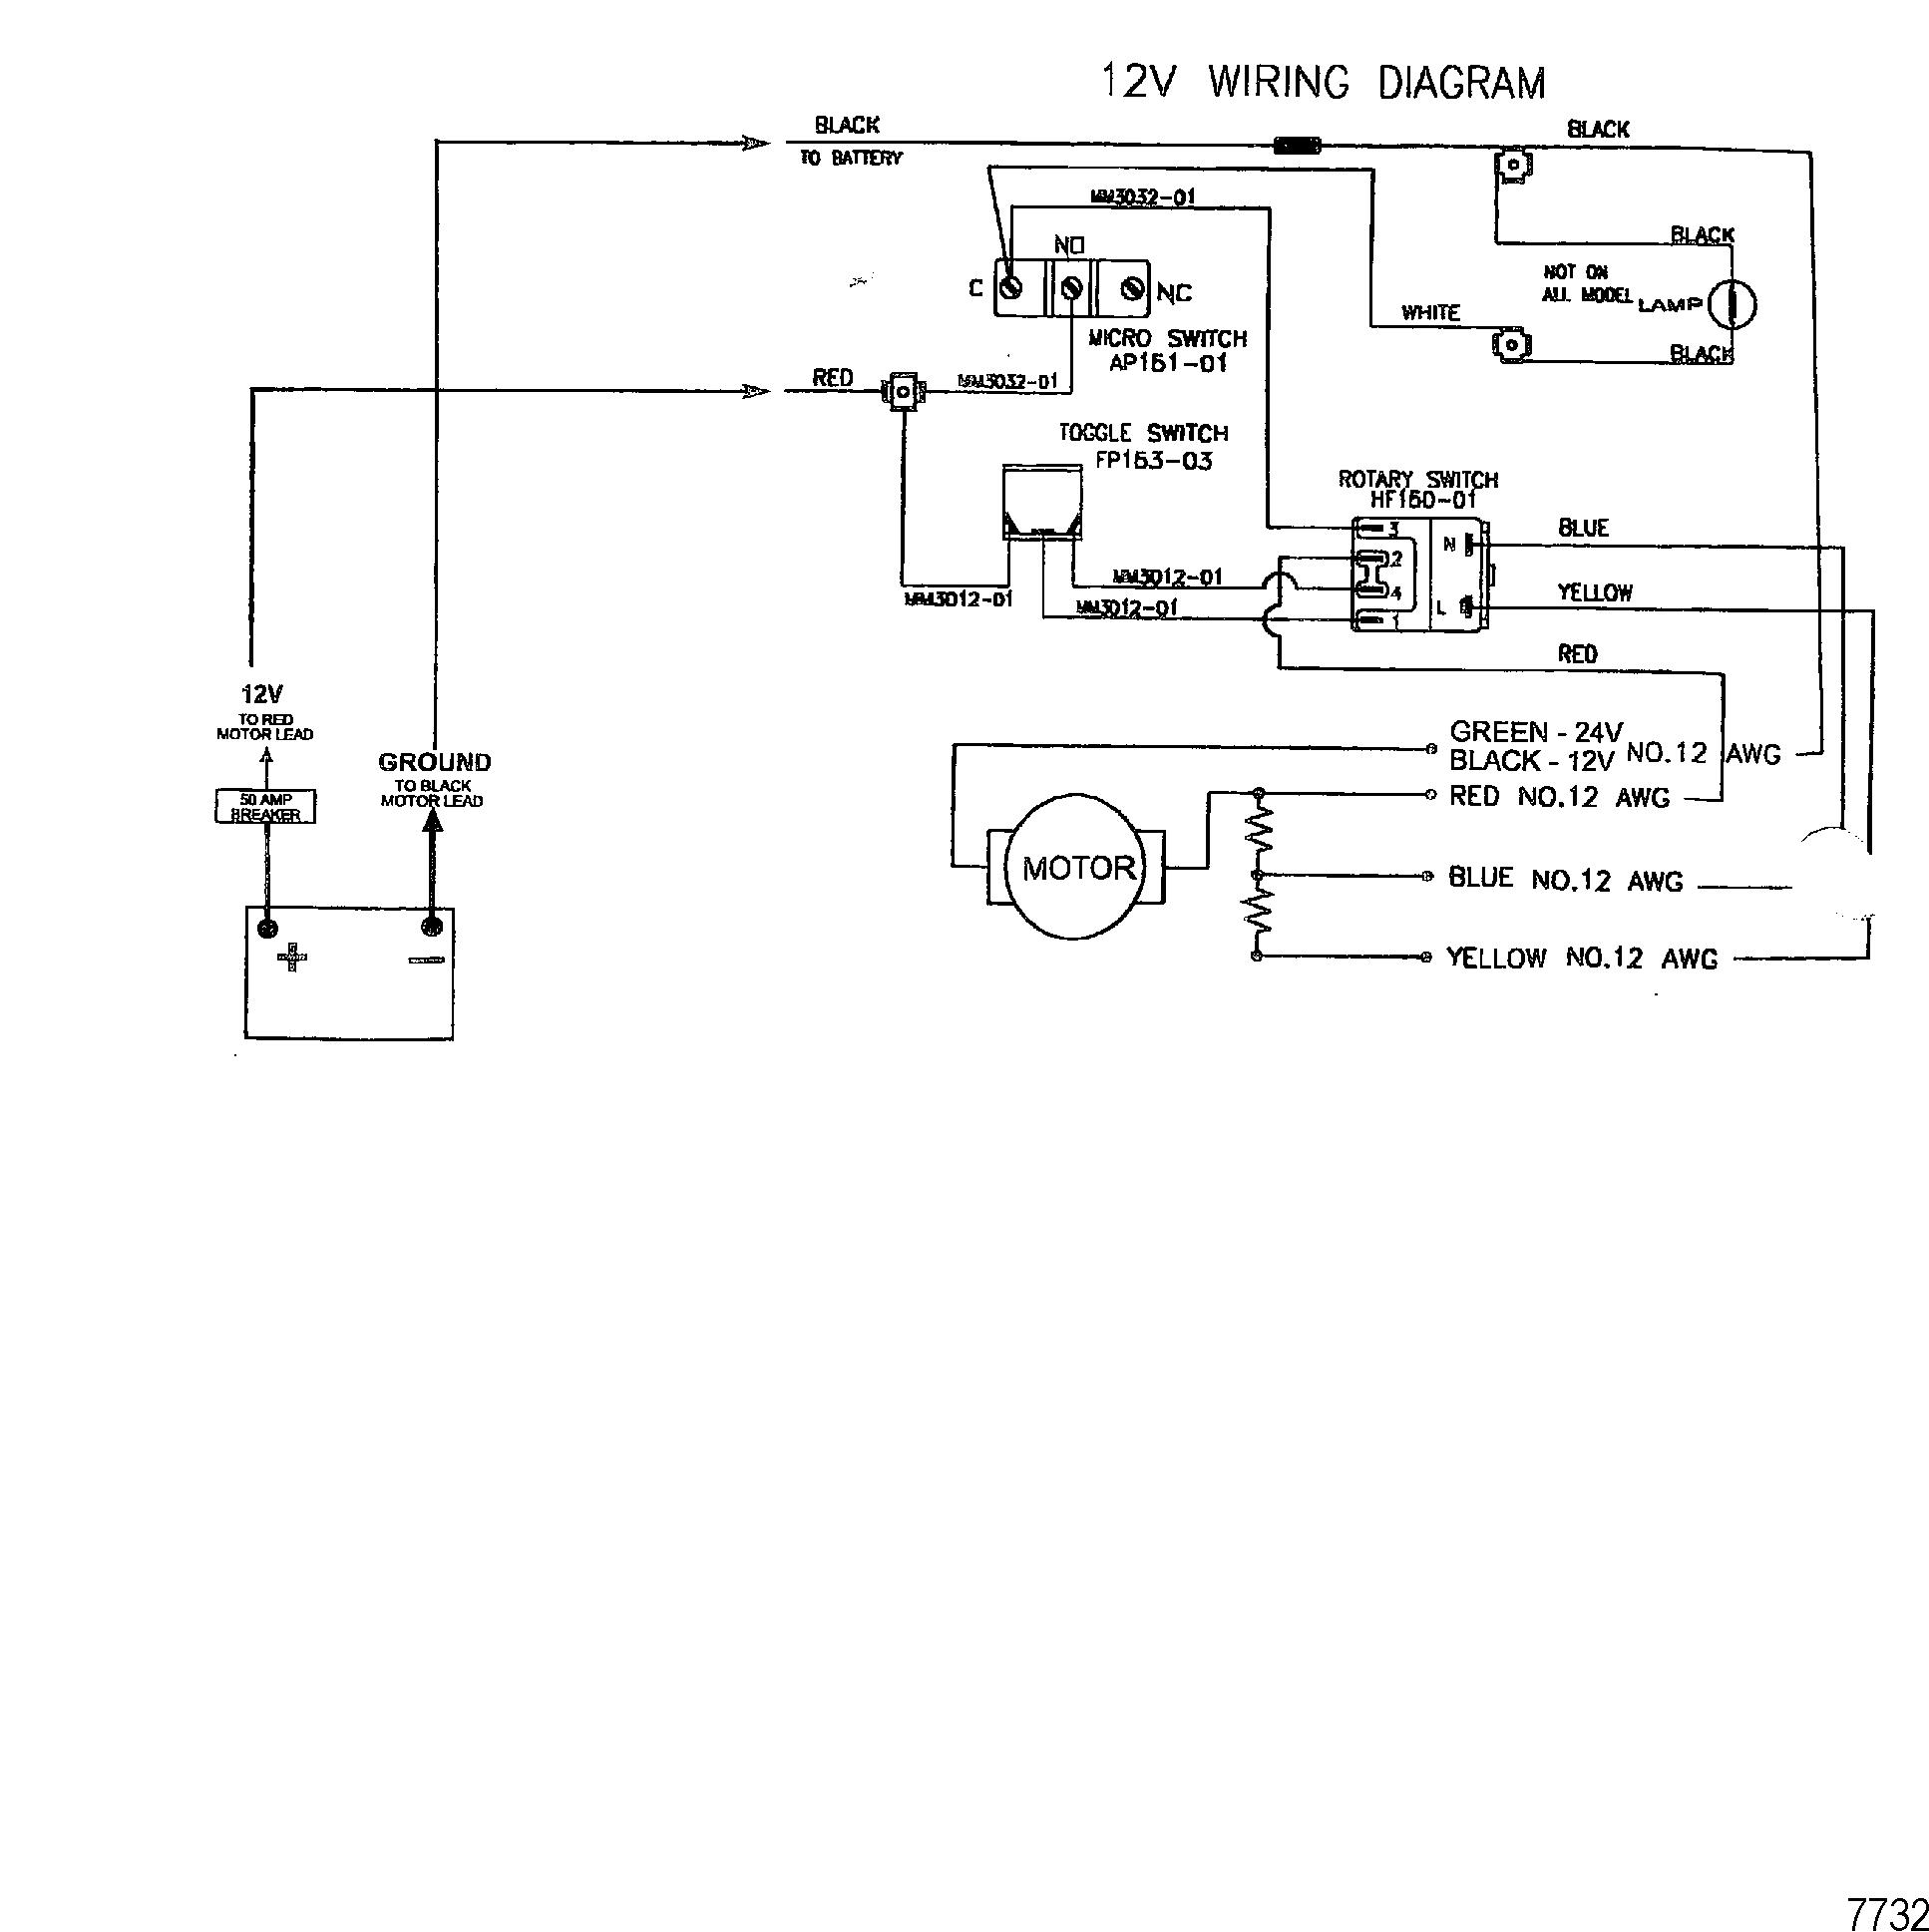 hight resolution of mercury trolling motor motorguide hvf and hvt series 1996 up wire diagram model hvf5000 hvf5200 12 volt